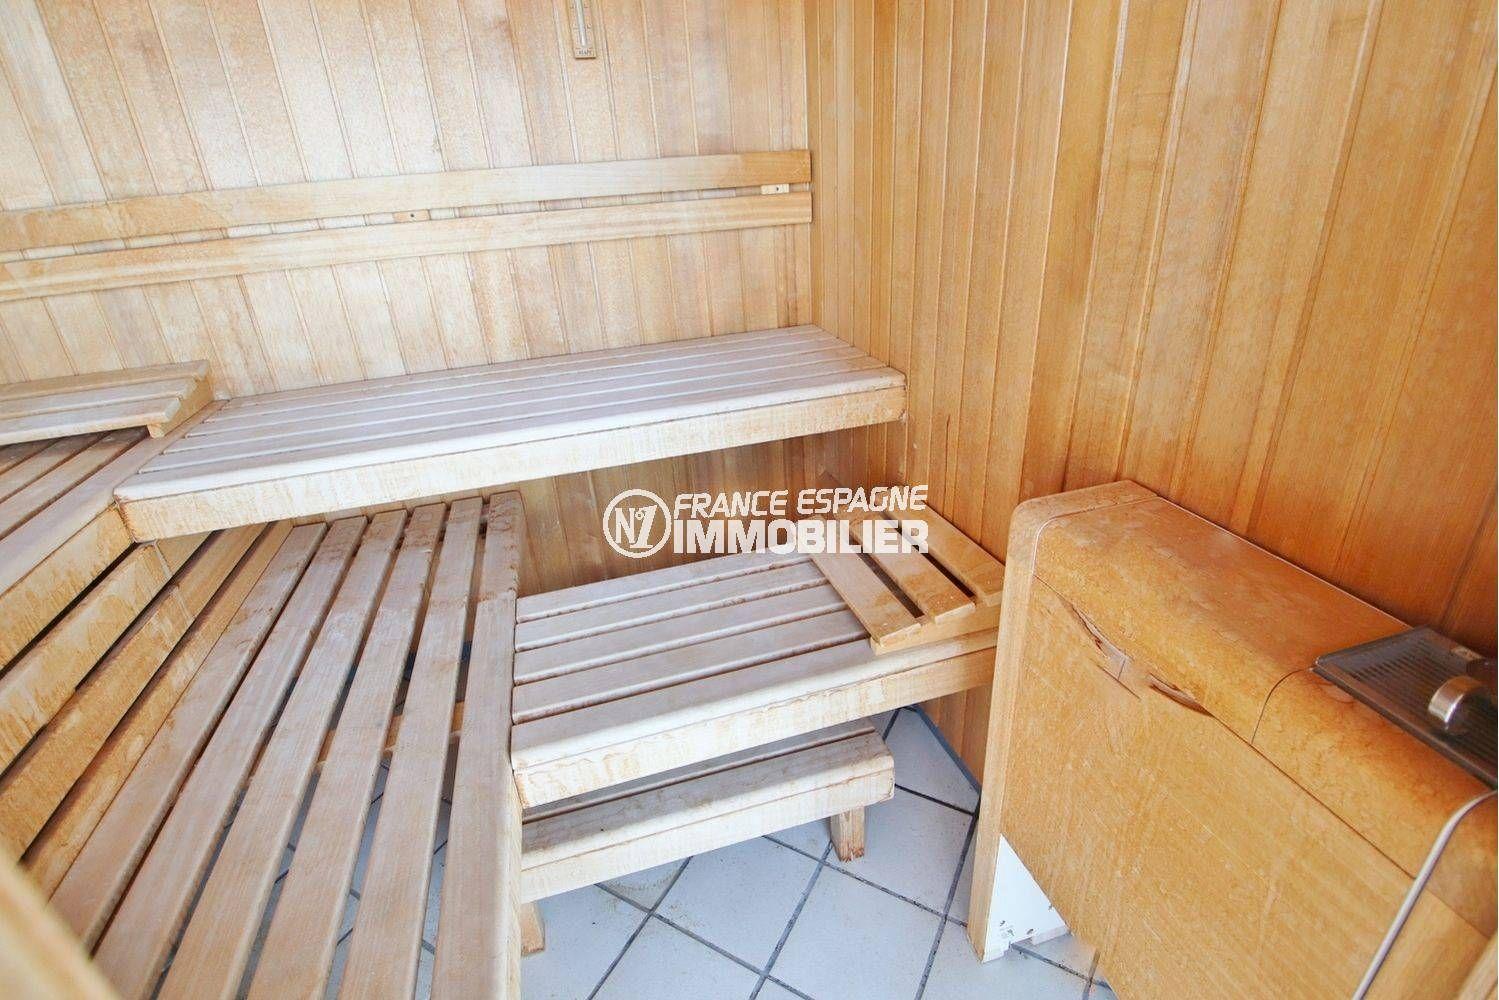 vente immobilier rosas espagne: villa ref.3614, vue rapprochée du sauna